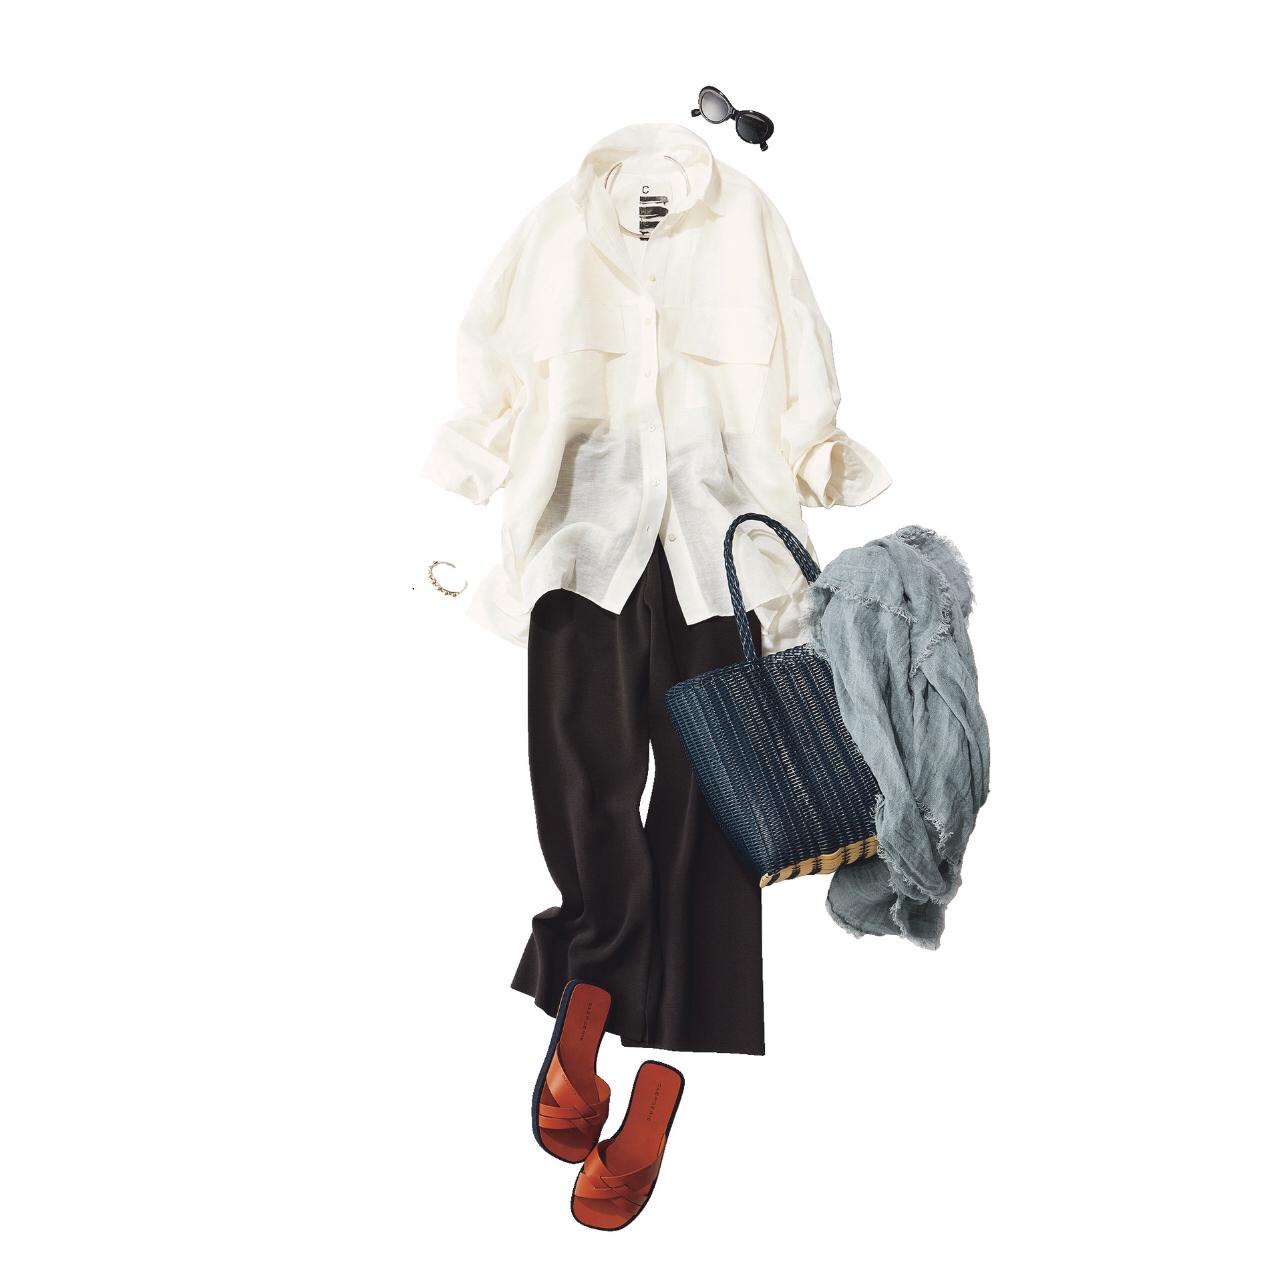 「ストール」でアラフォーの夏コーデをブラッシュアップ! 冷房対策にもおしゃれにも効くストールの取り入れ方  40代ファッション_1_7